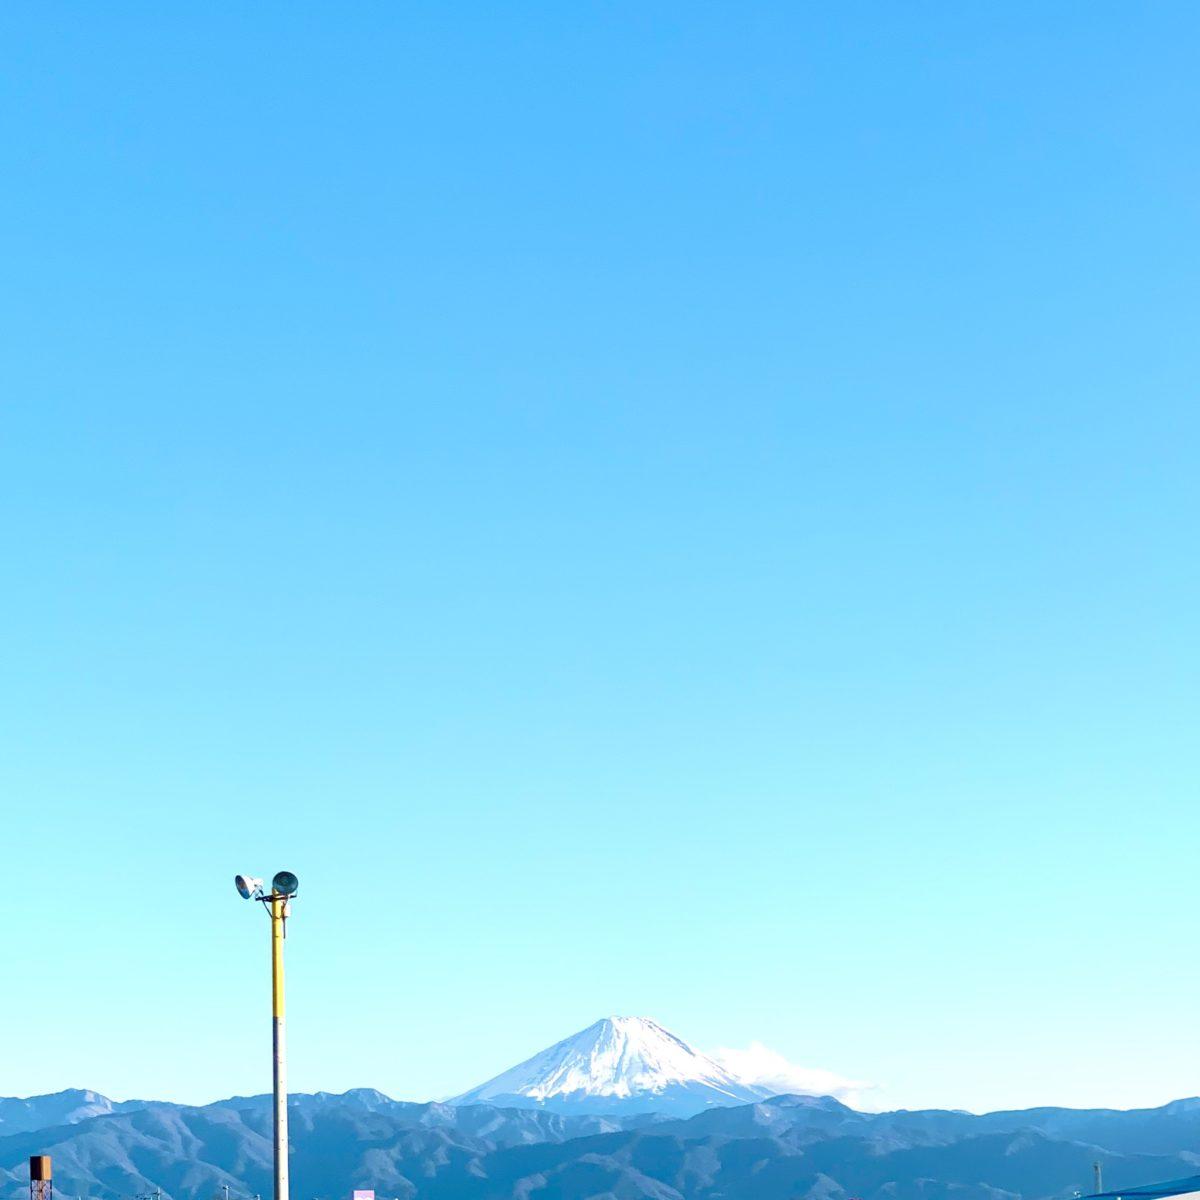 ラザウオーク甲斐双葉から眺める2月の富士山